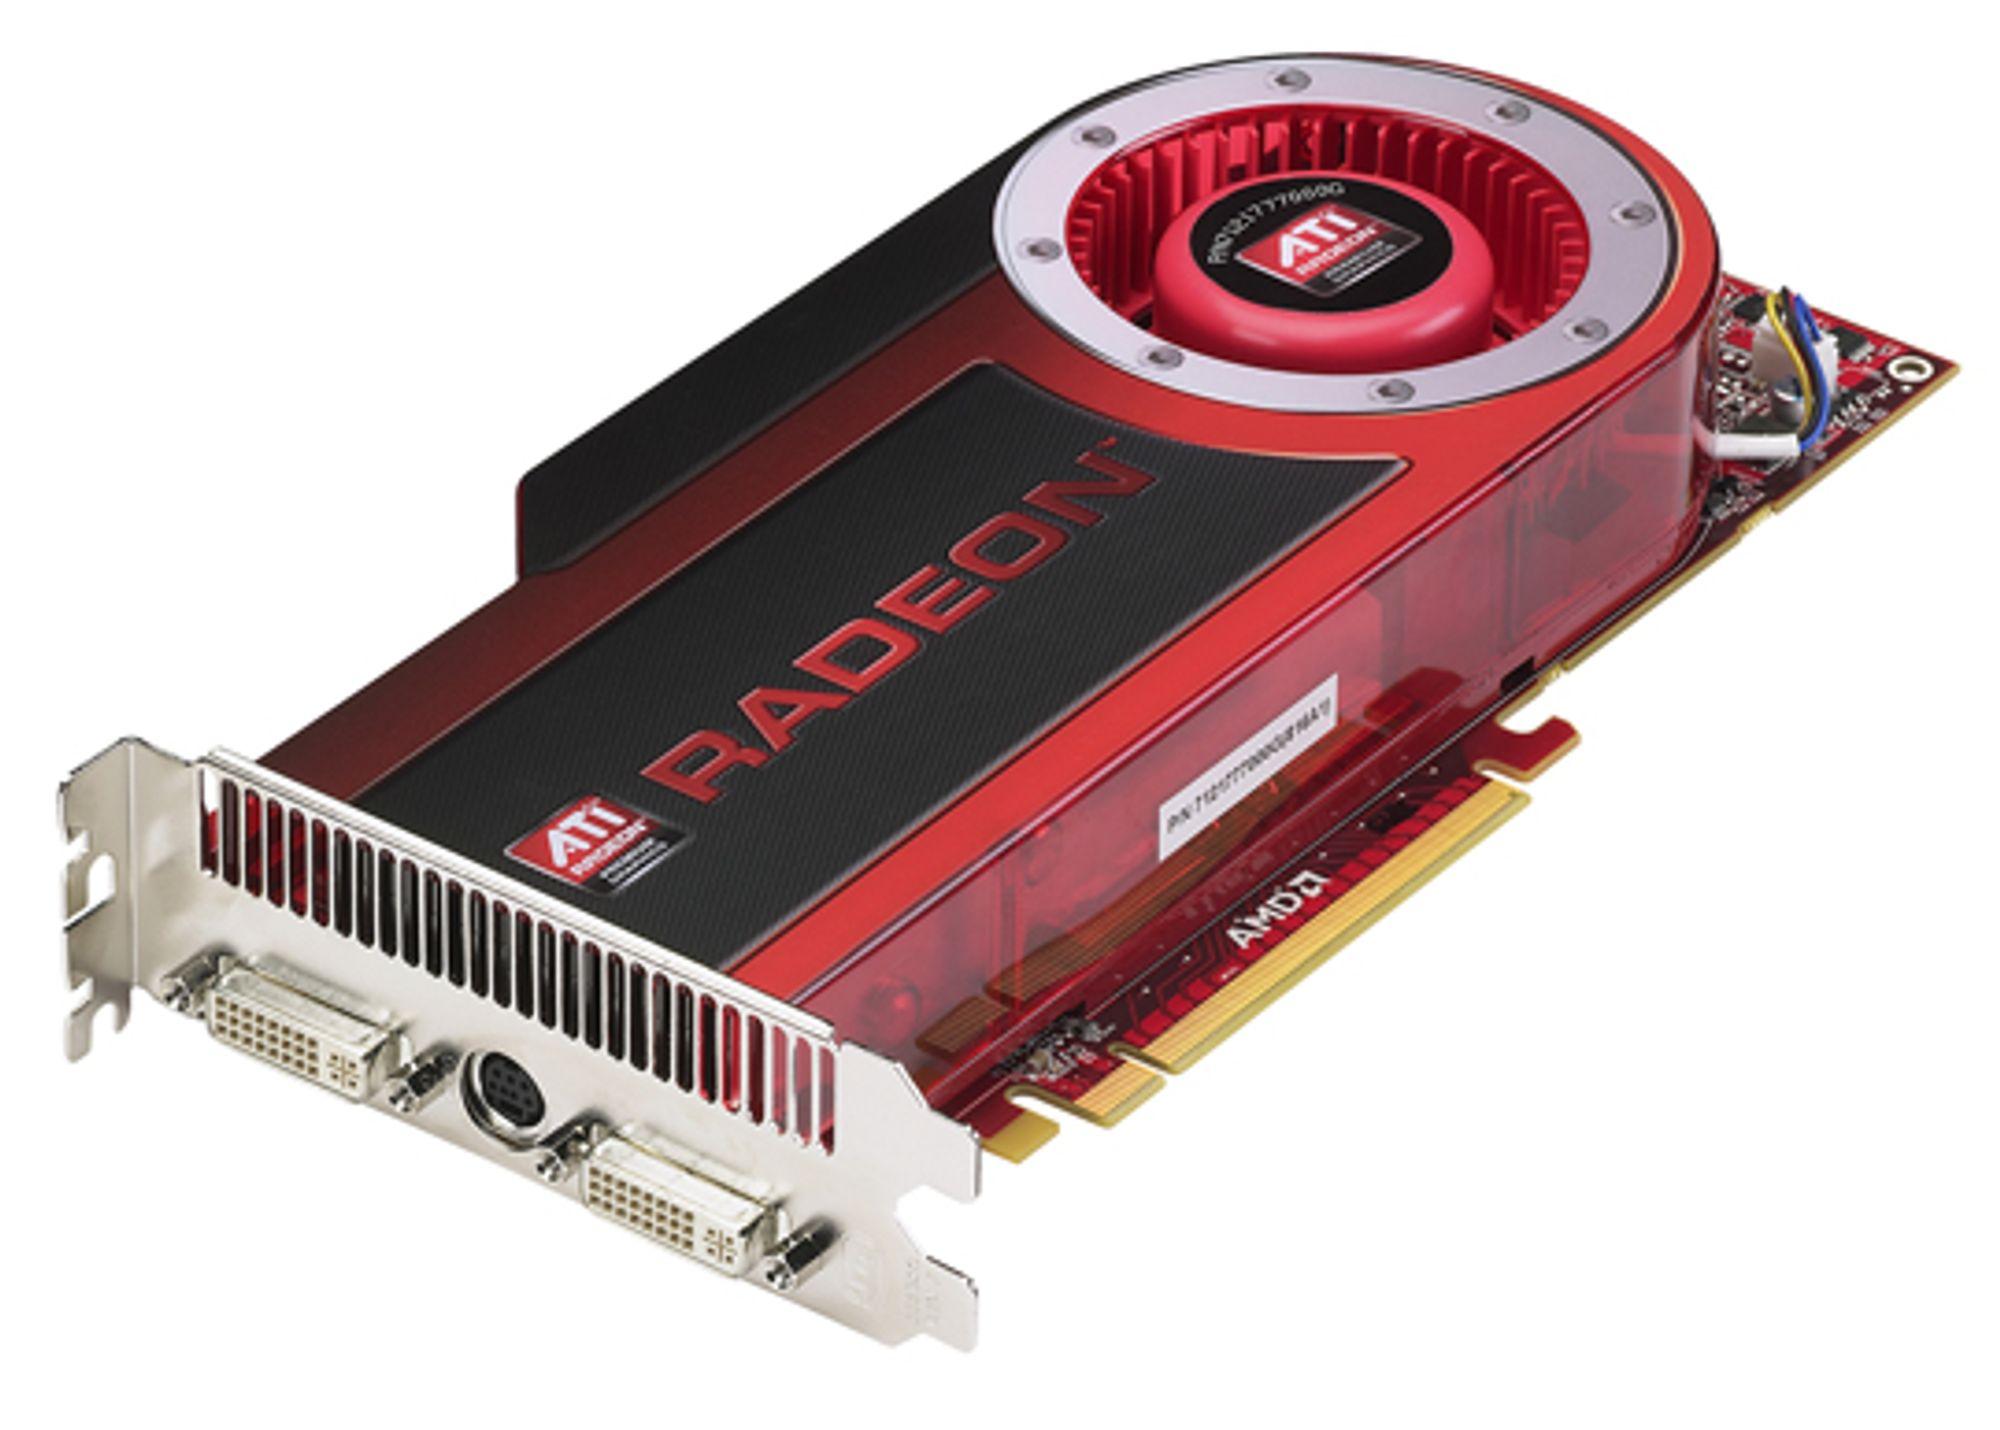 Radeon HD 4870 får snart en lillebror